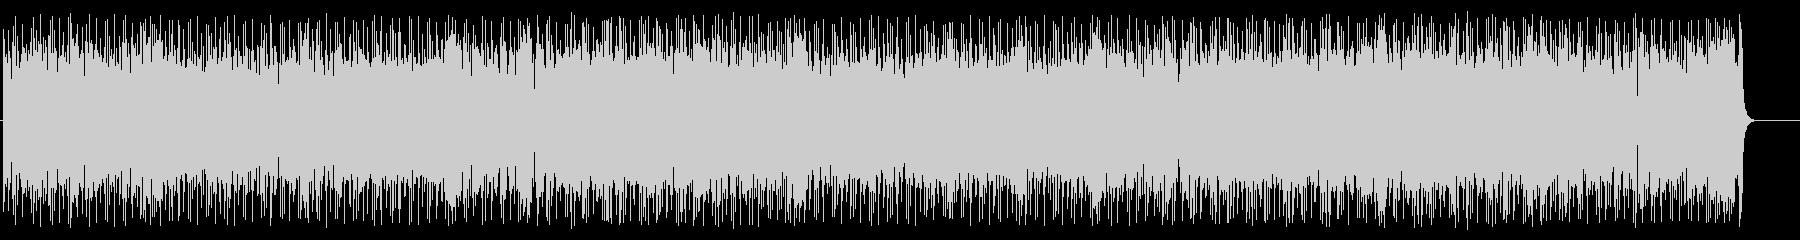 健やかなほのぼのポップ(フルサイズ)の未再生の波形